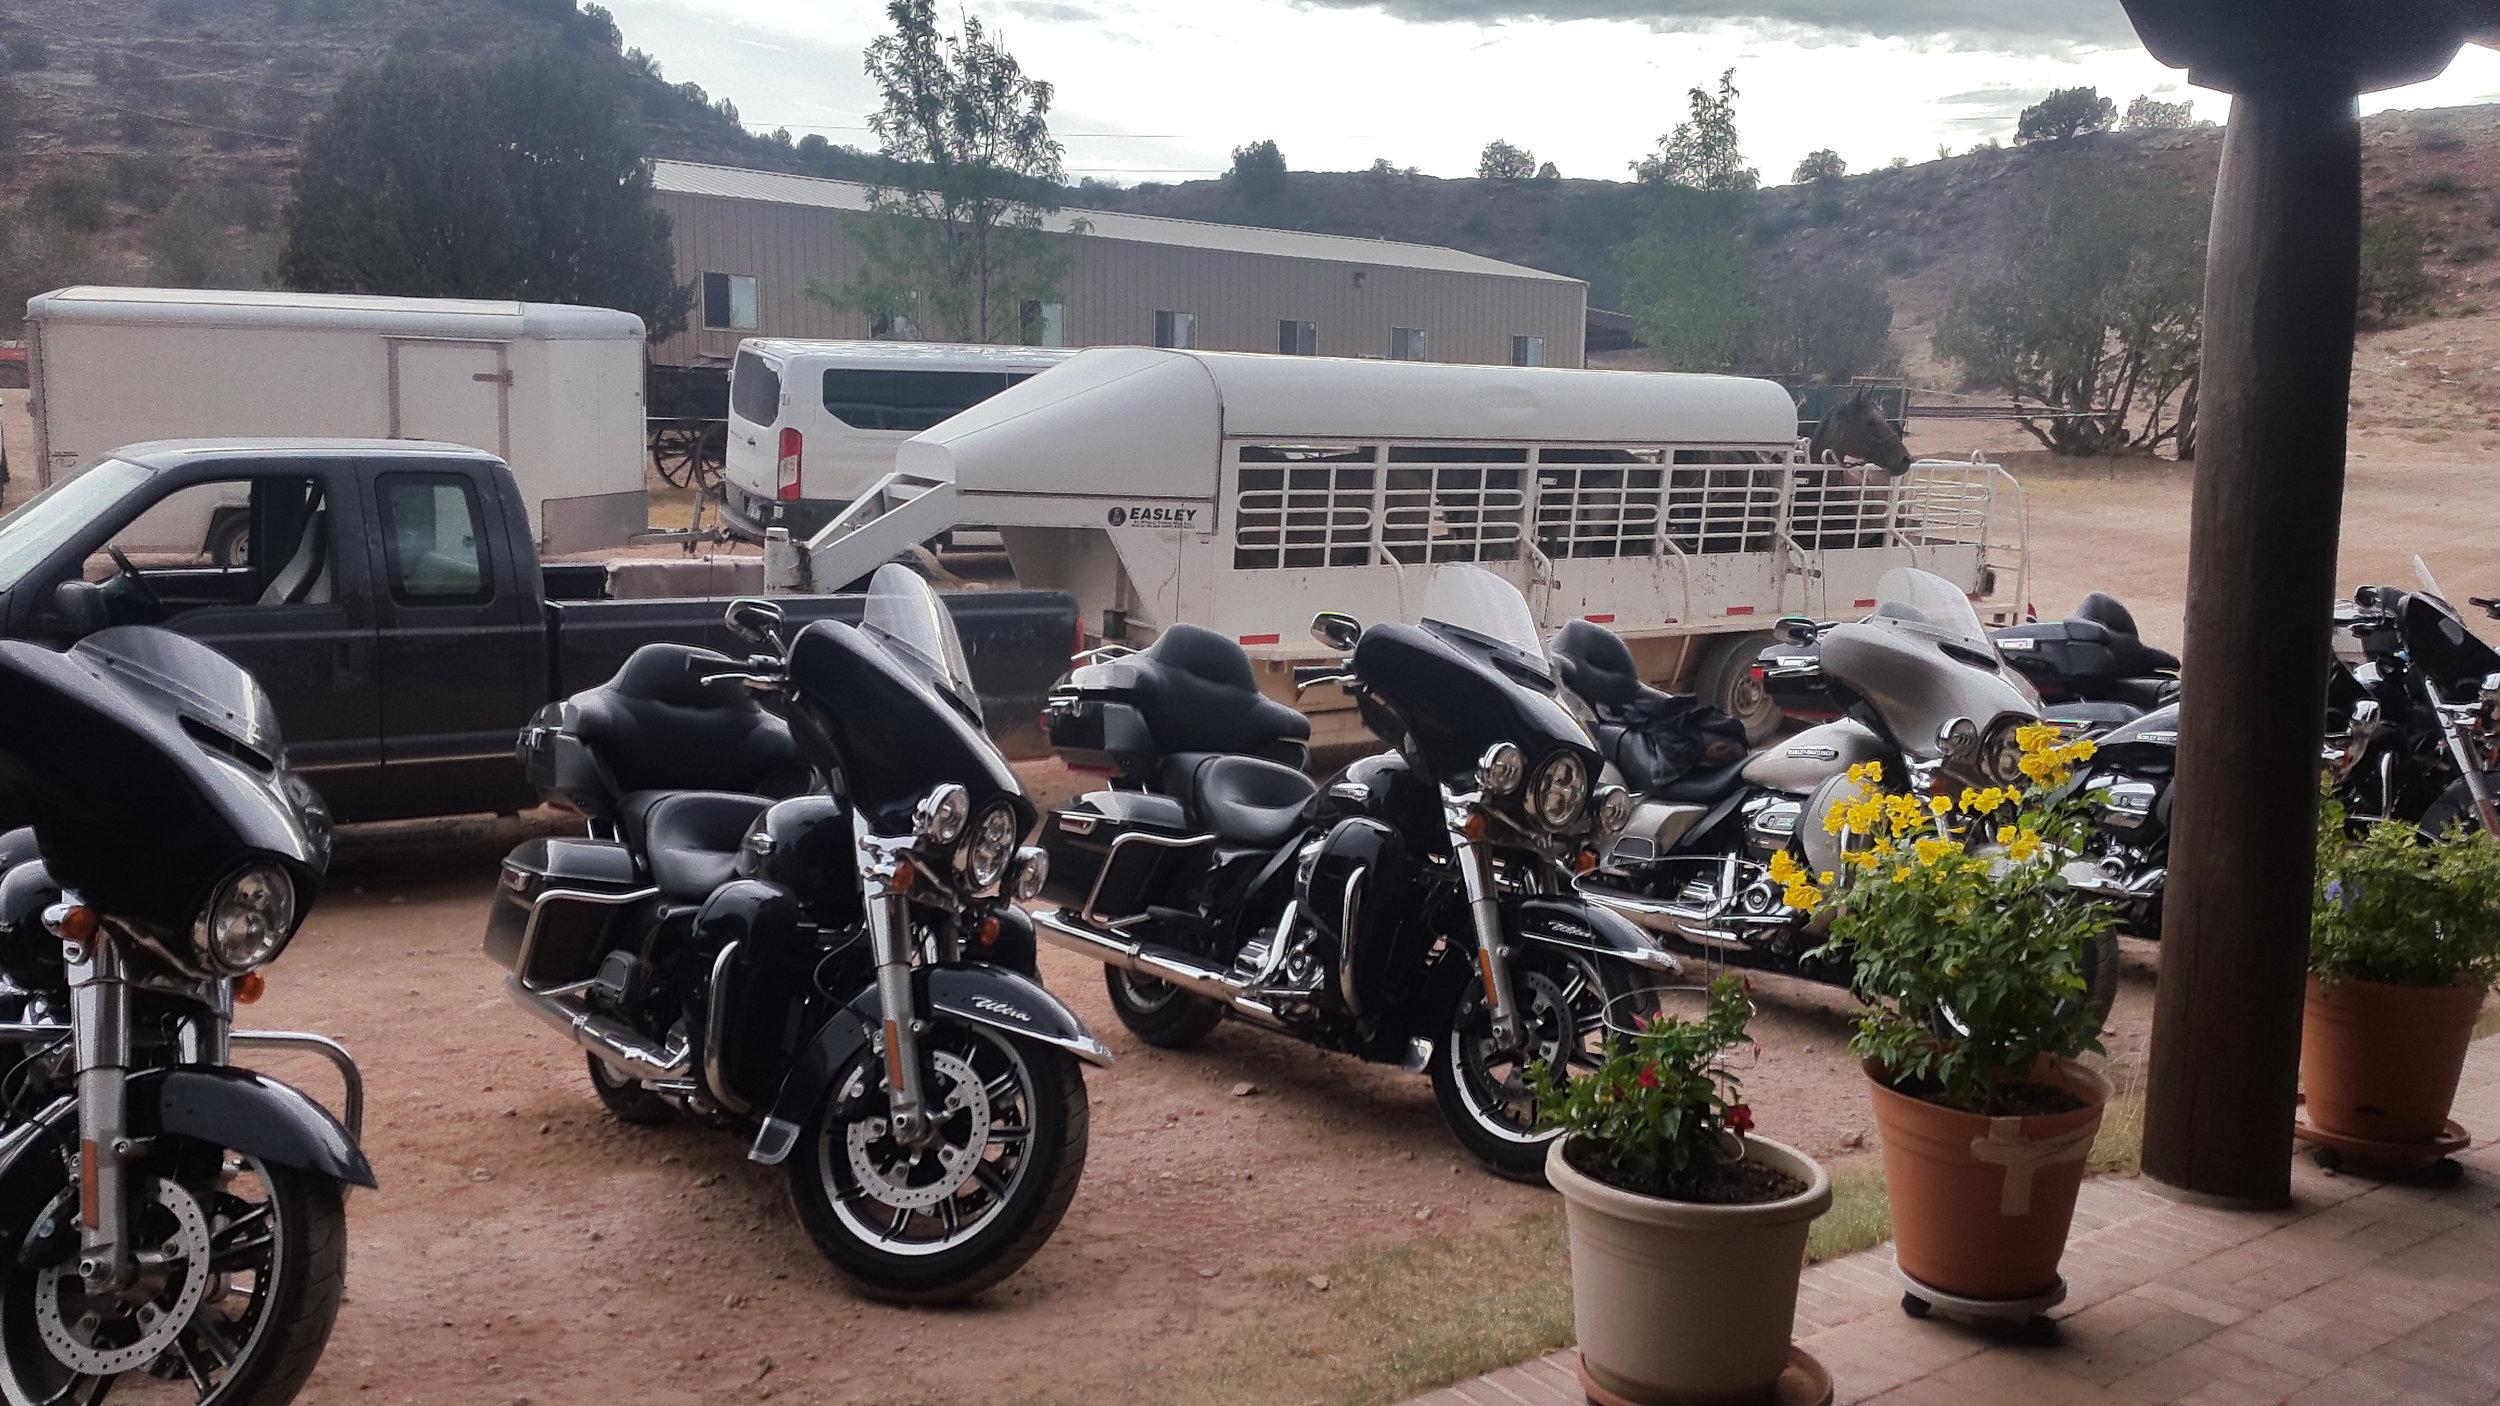 And we hosted the Route 66 travelling bikers from Norway again. Here the vehicle line-up of the bikes.  Und wir waren wieder Gastgeber für die Route 66 reisenden Biker aus Norwegen. Hier die Bikes in Parkposition.